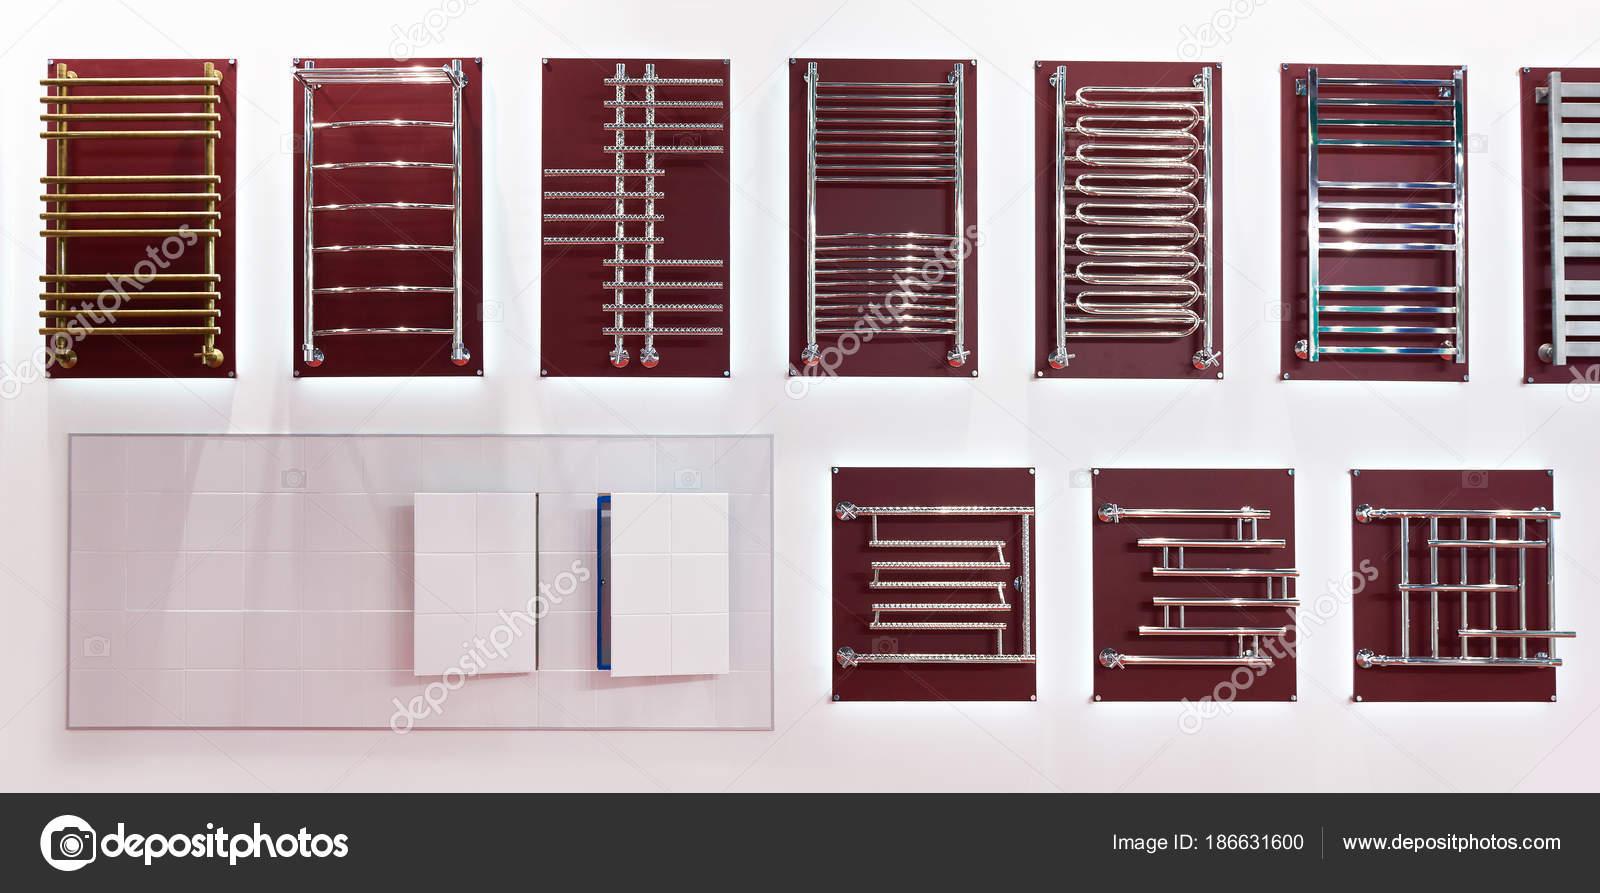 Radiatoren handdoekdrogers voor badkamer in winkel u stockfoto